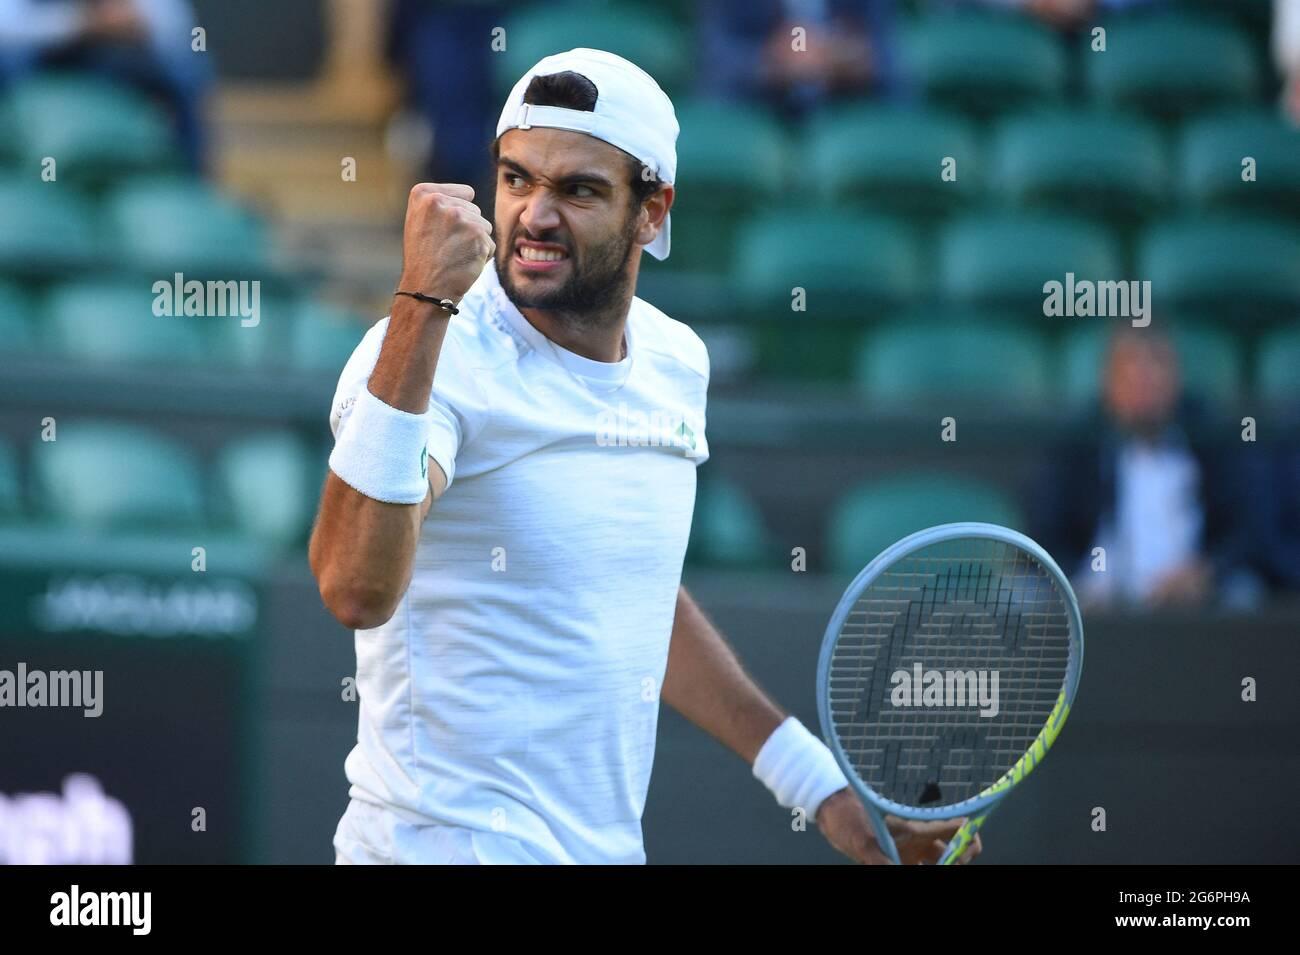 Matteo Berrettini (ITA) während seines Viertelfinalmatches bei den Wimbledon  Championships 2021 beim AELTC in London, Großbritannien, am 7. Juli 2021.  Foto von Corinne Dubreuil/ABACAPRESS.COM Stockfotografie - Alamy